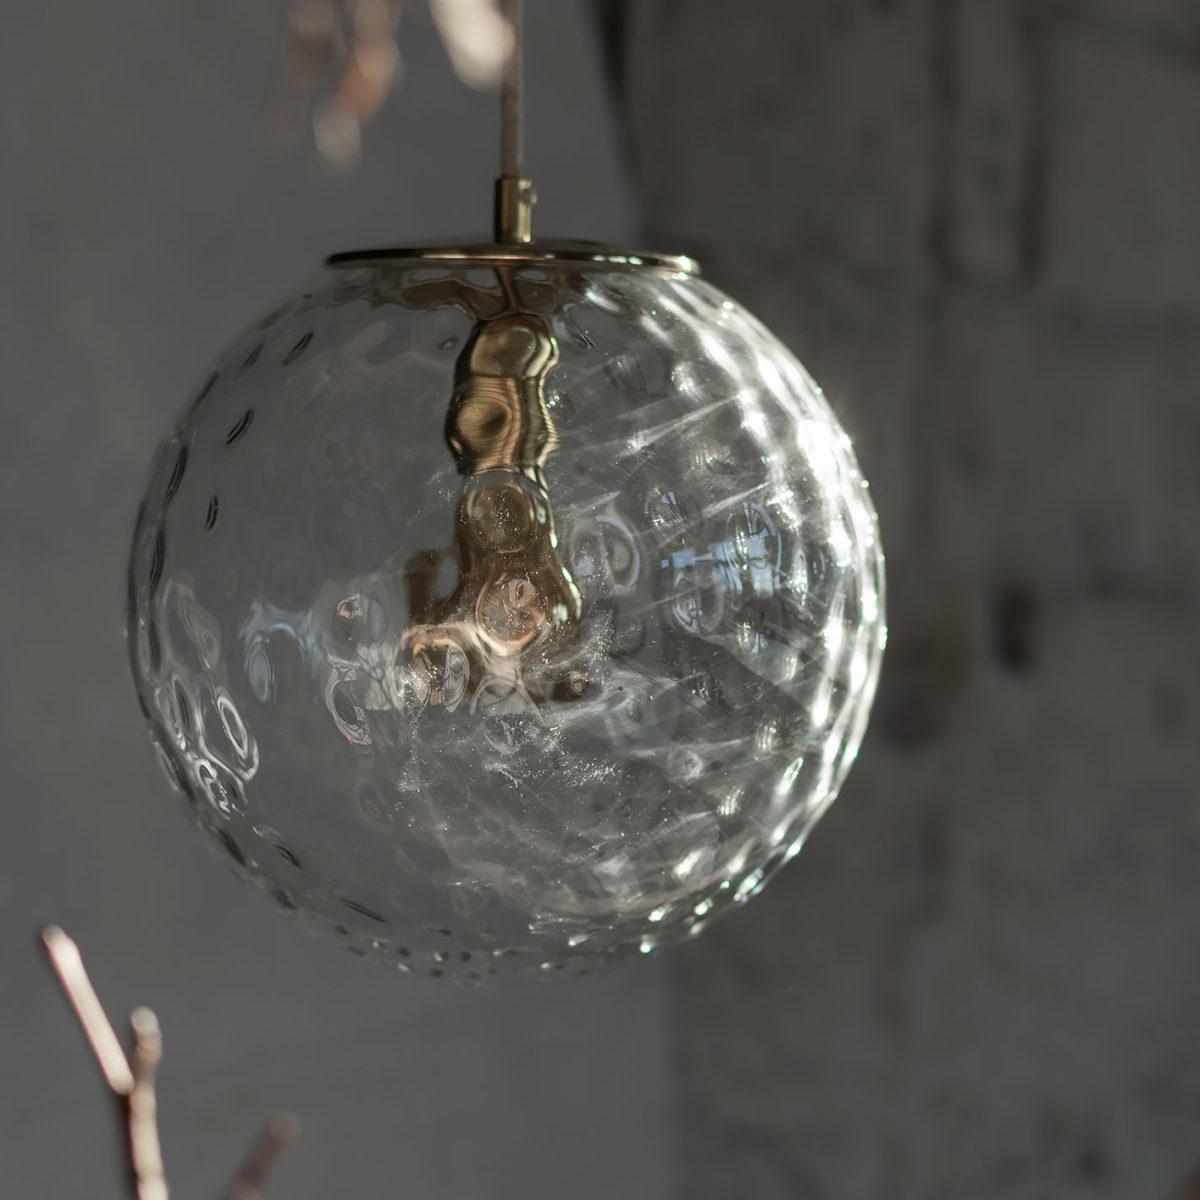 Szklana Lampa Wisząca Kula Refleksyjna z mosiężnym deklem 2